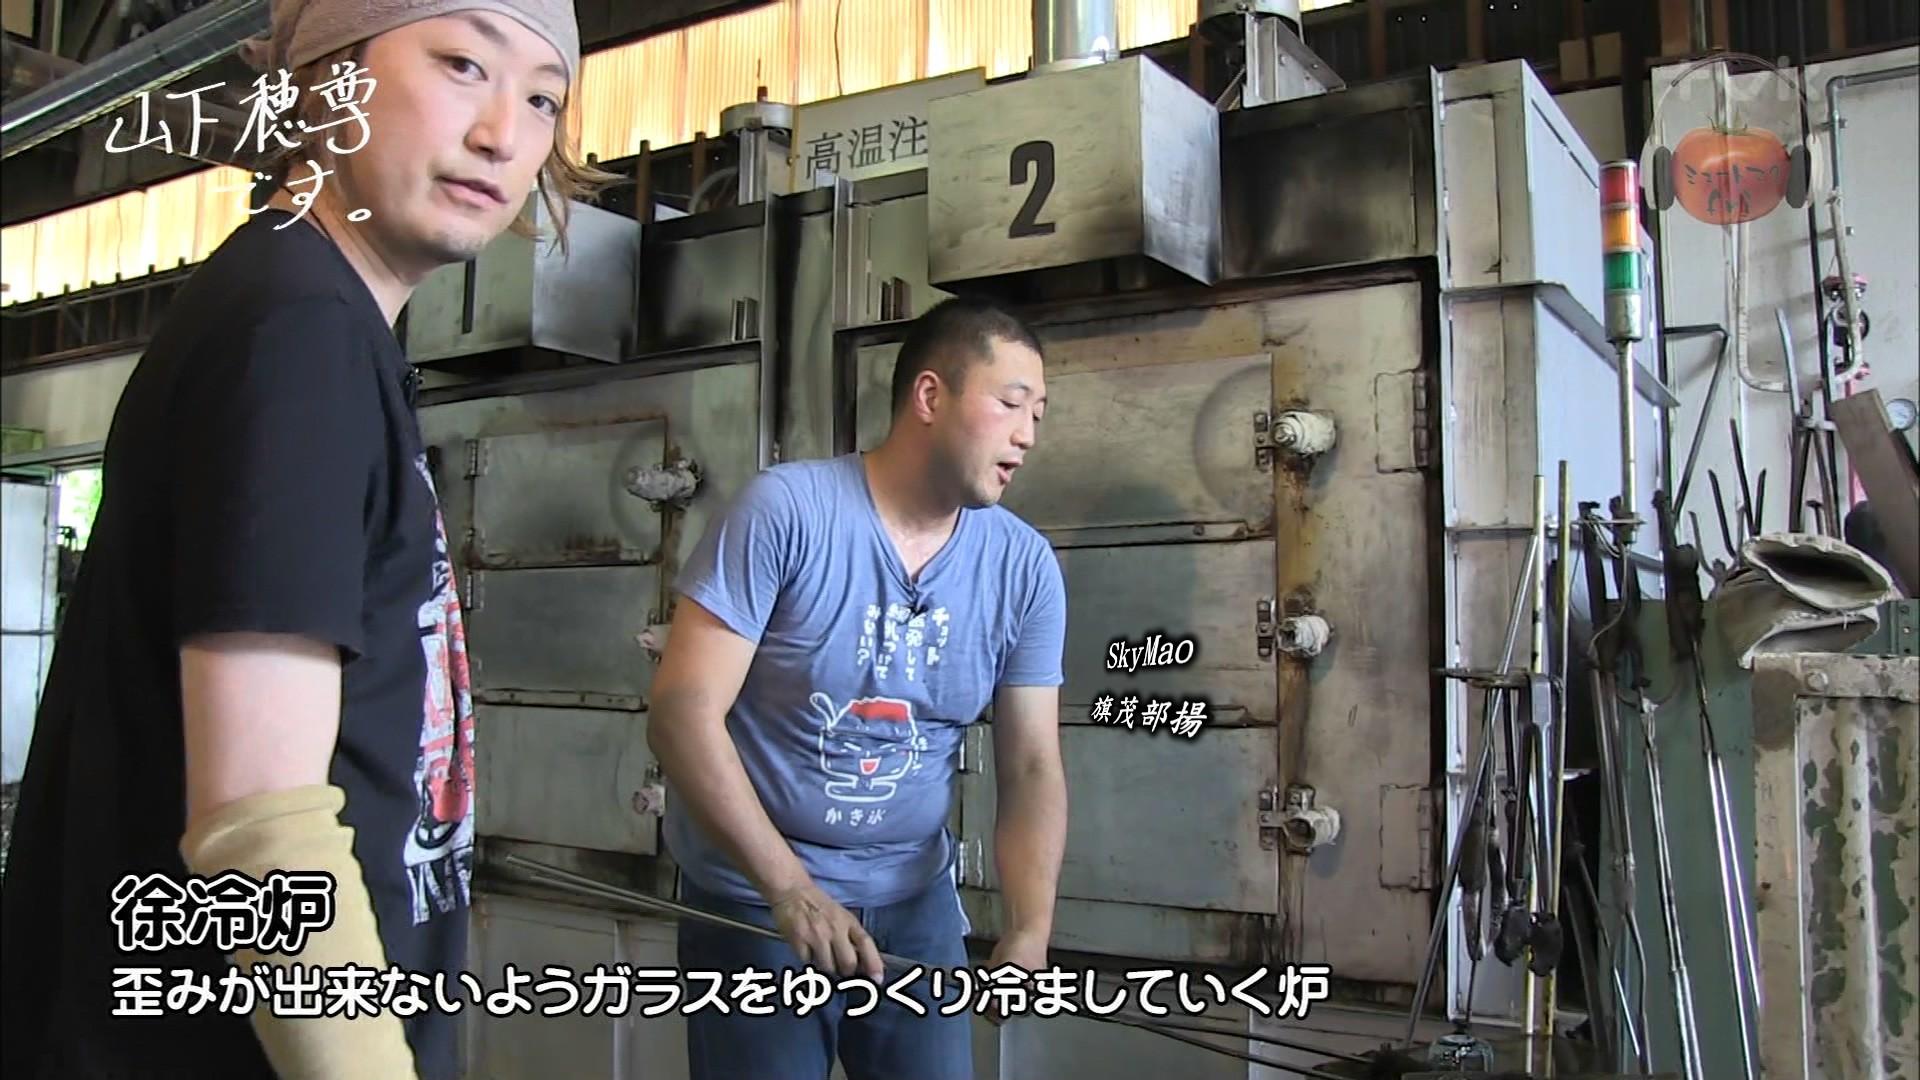 2017.09.01 全場(ミュートマ2).ts_20170902_022449.515